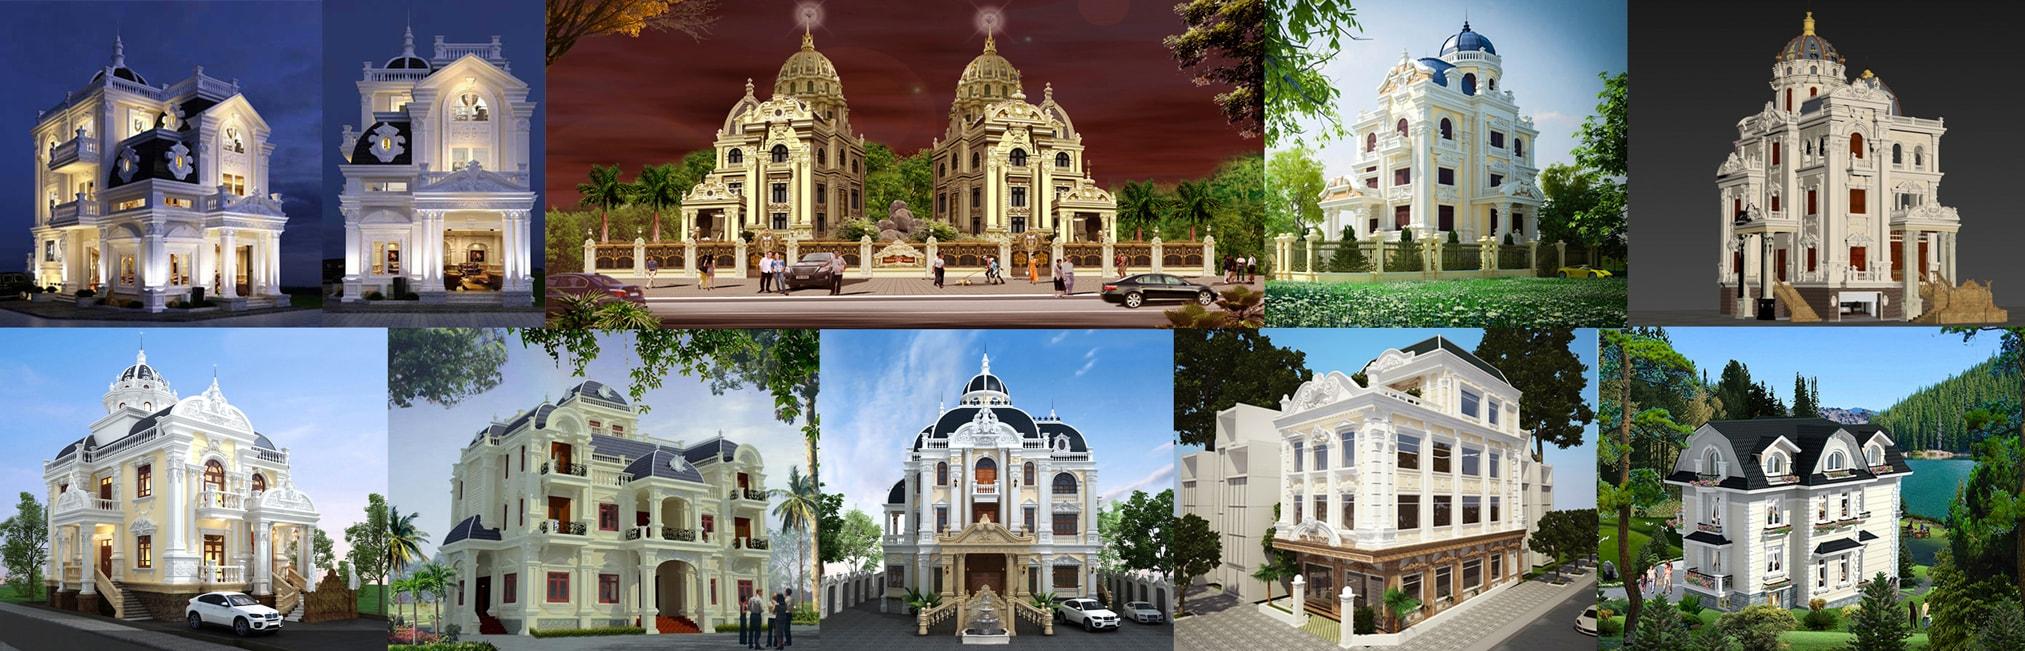 Lâu đài, villa, biệt thự, nhà vườn